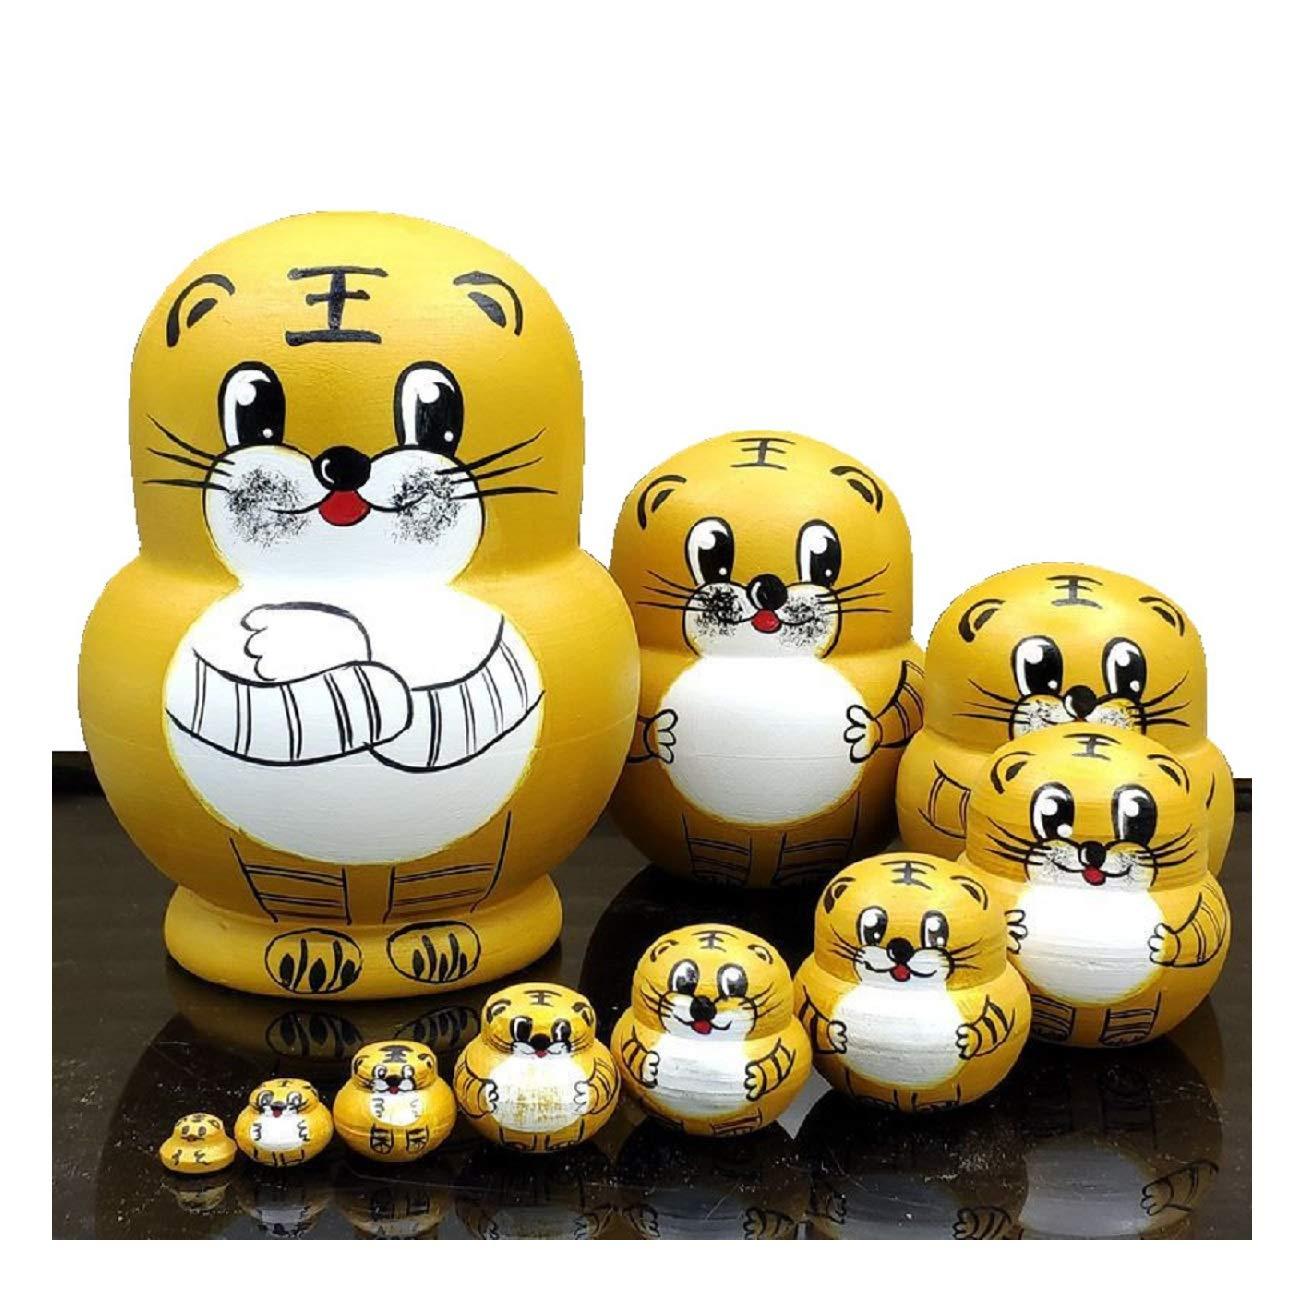 LK King&Light 10pcs Golden Tiger Russian Nesting Dolls Matryoshka Wooden Toys